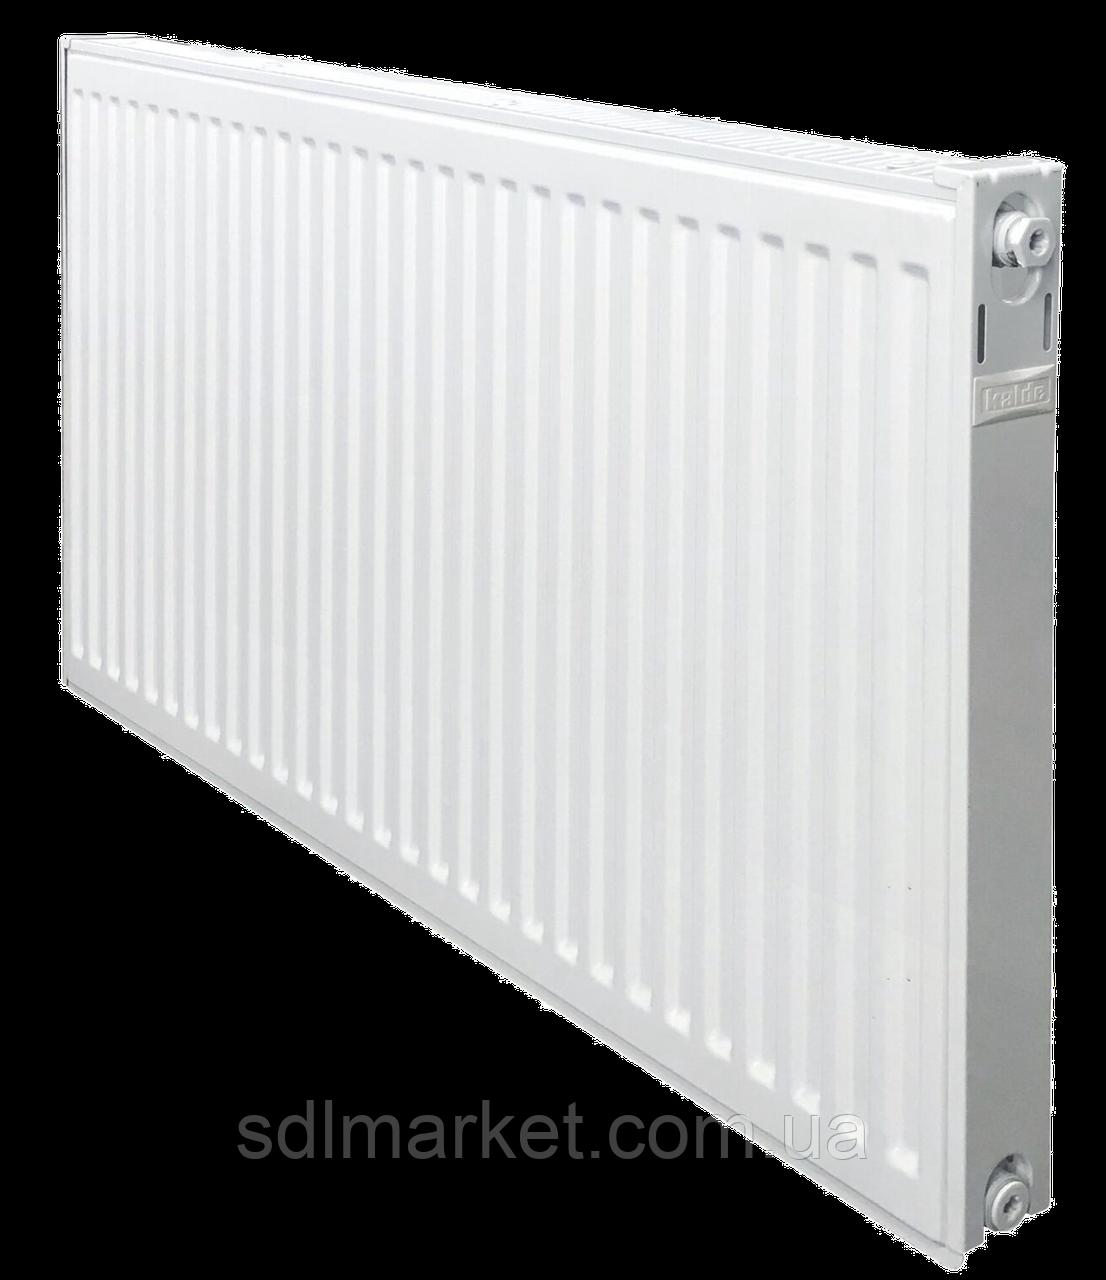 Радиатор стальной панельный KALDE 11 низ 600x700